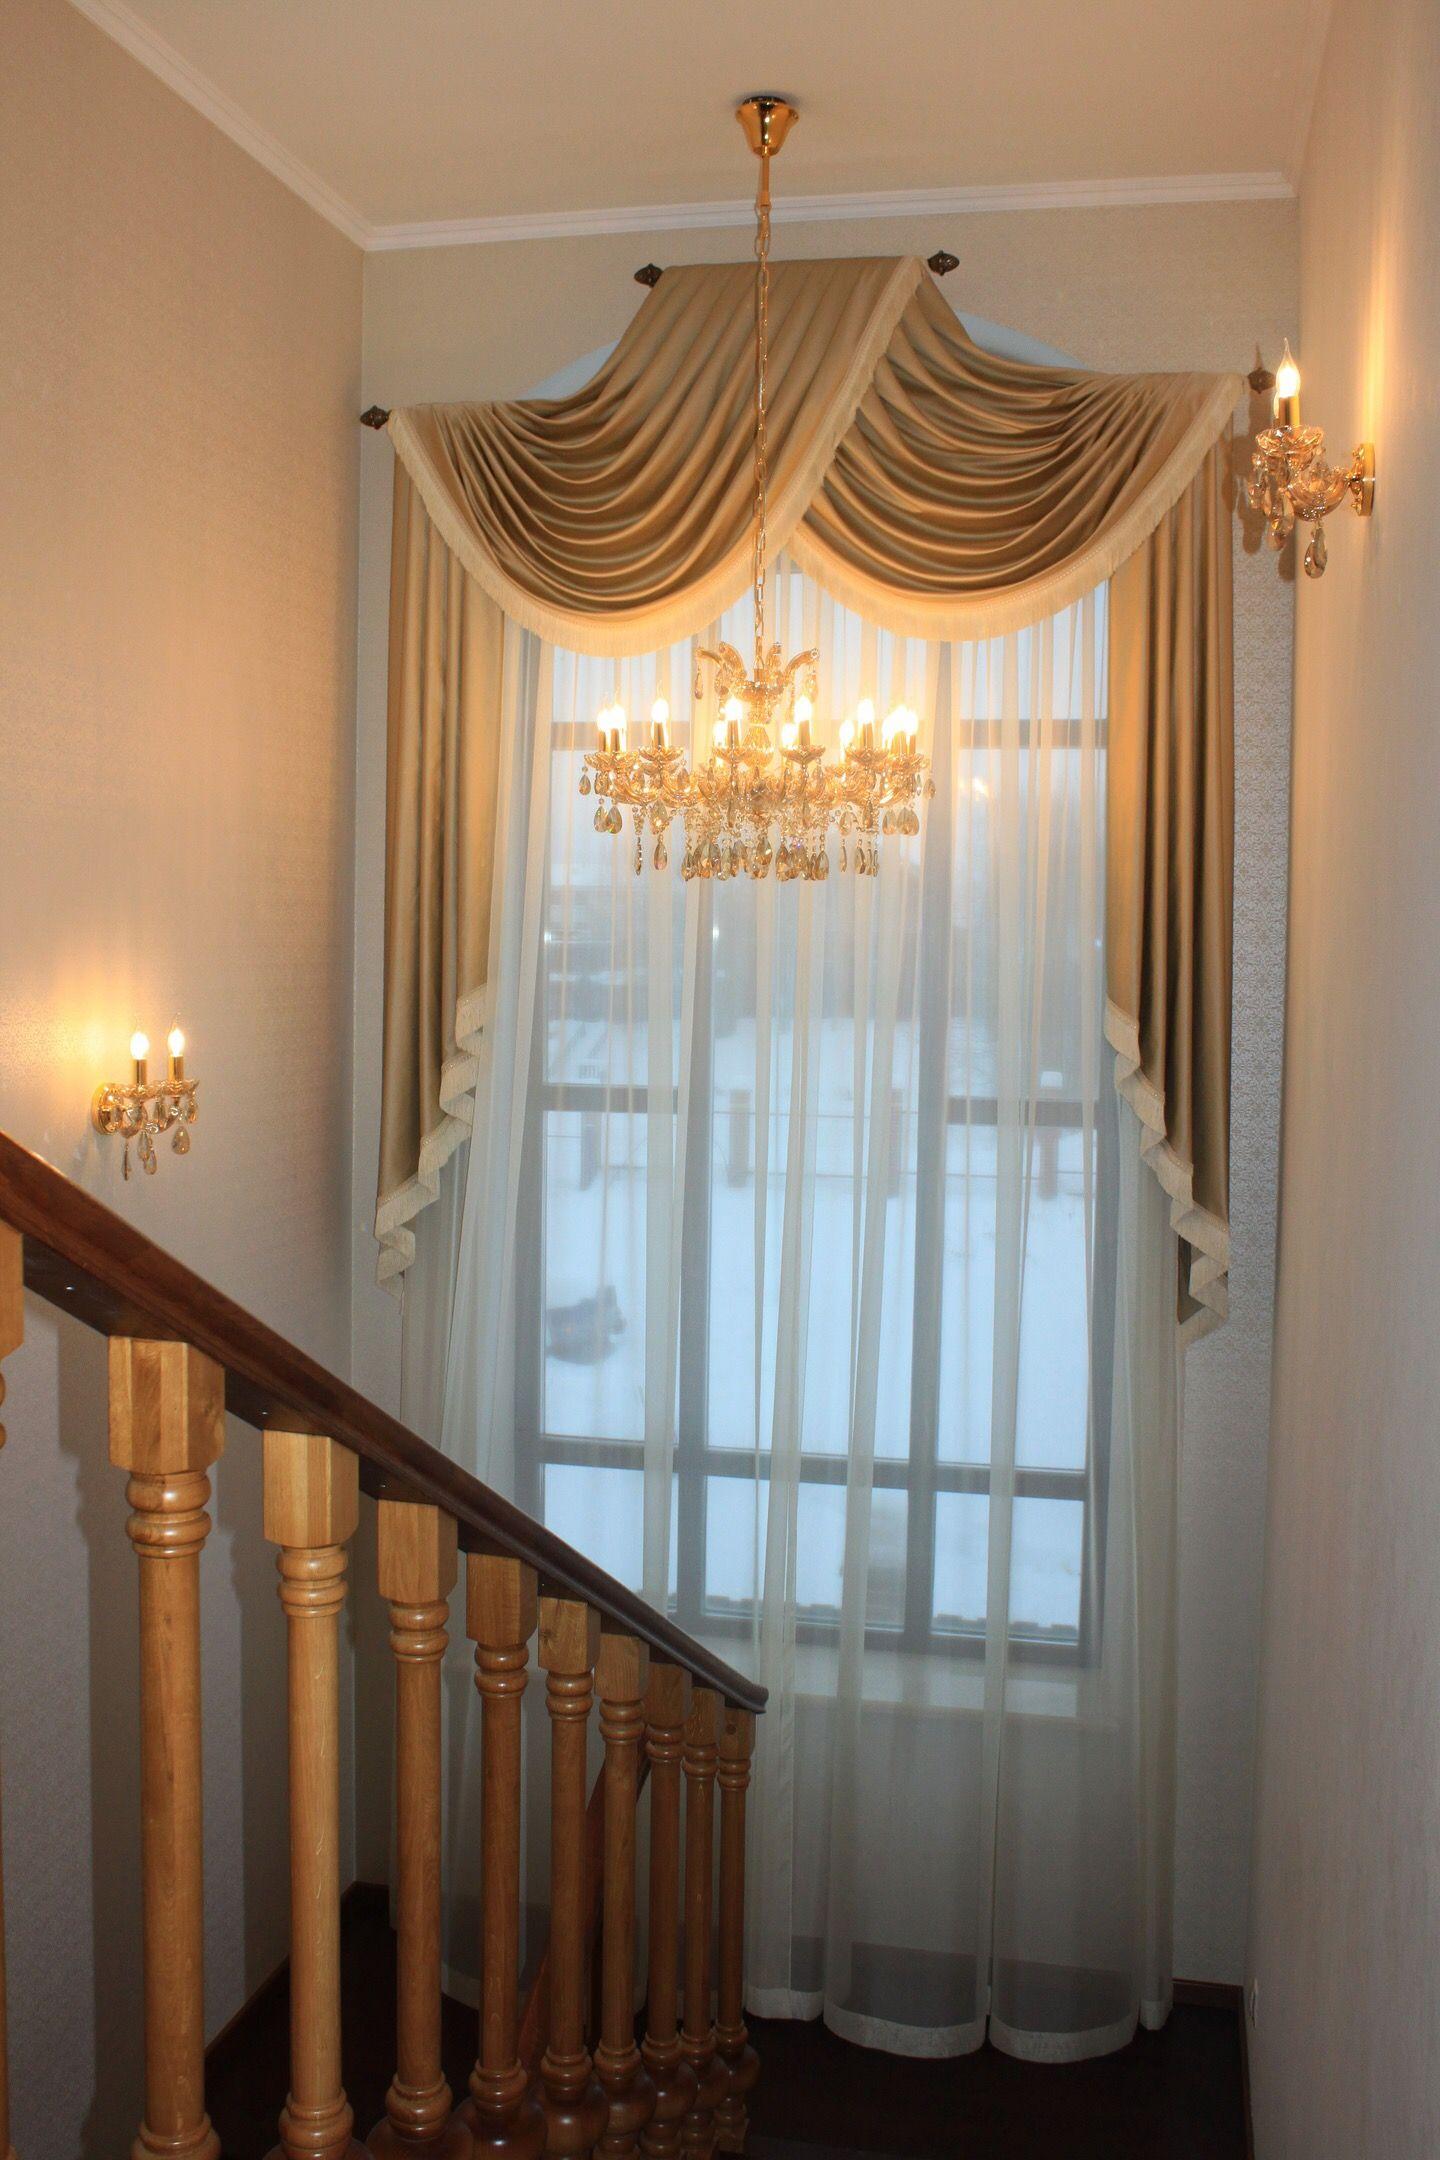 нём шторы на лестницу в доме фото уже писал